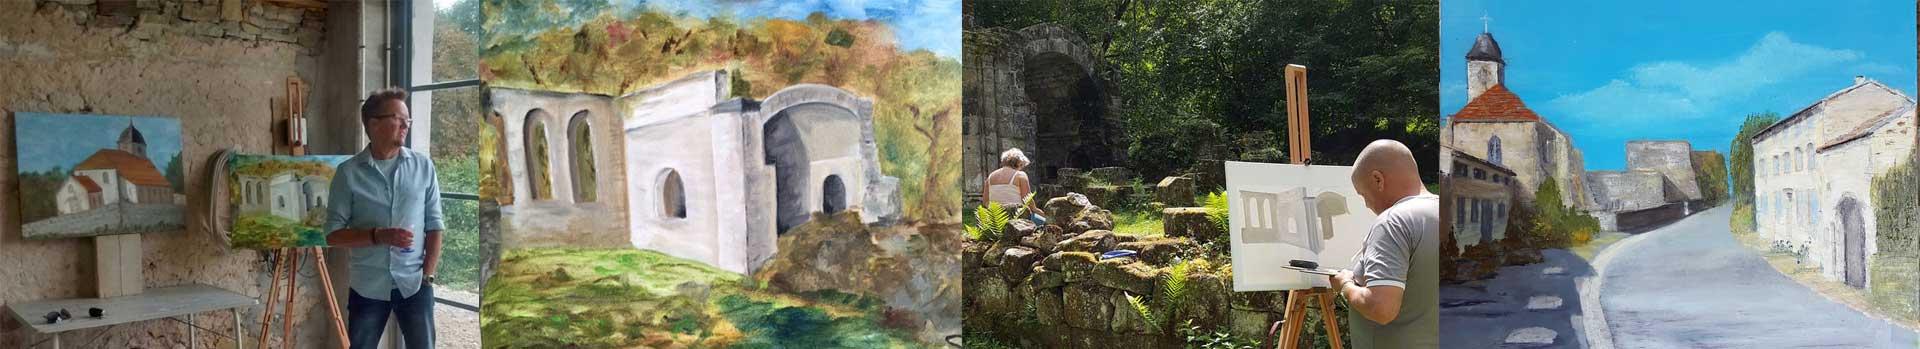 banner schildercursus frankrijk